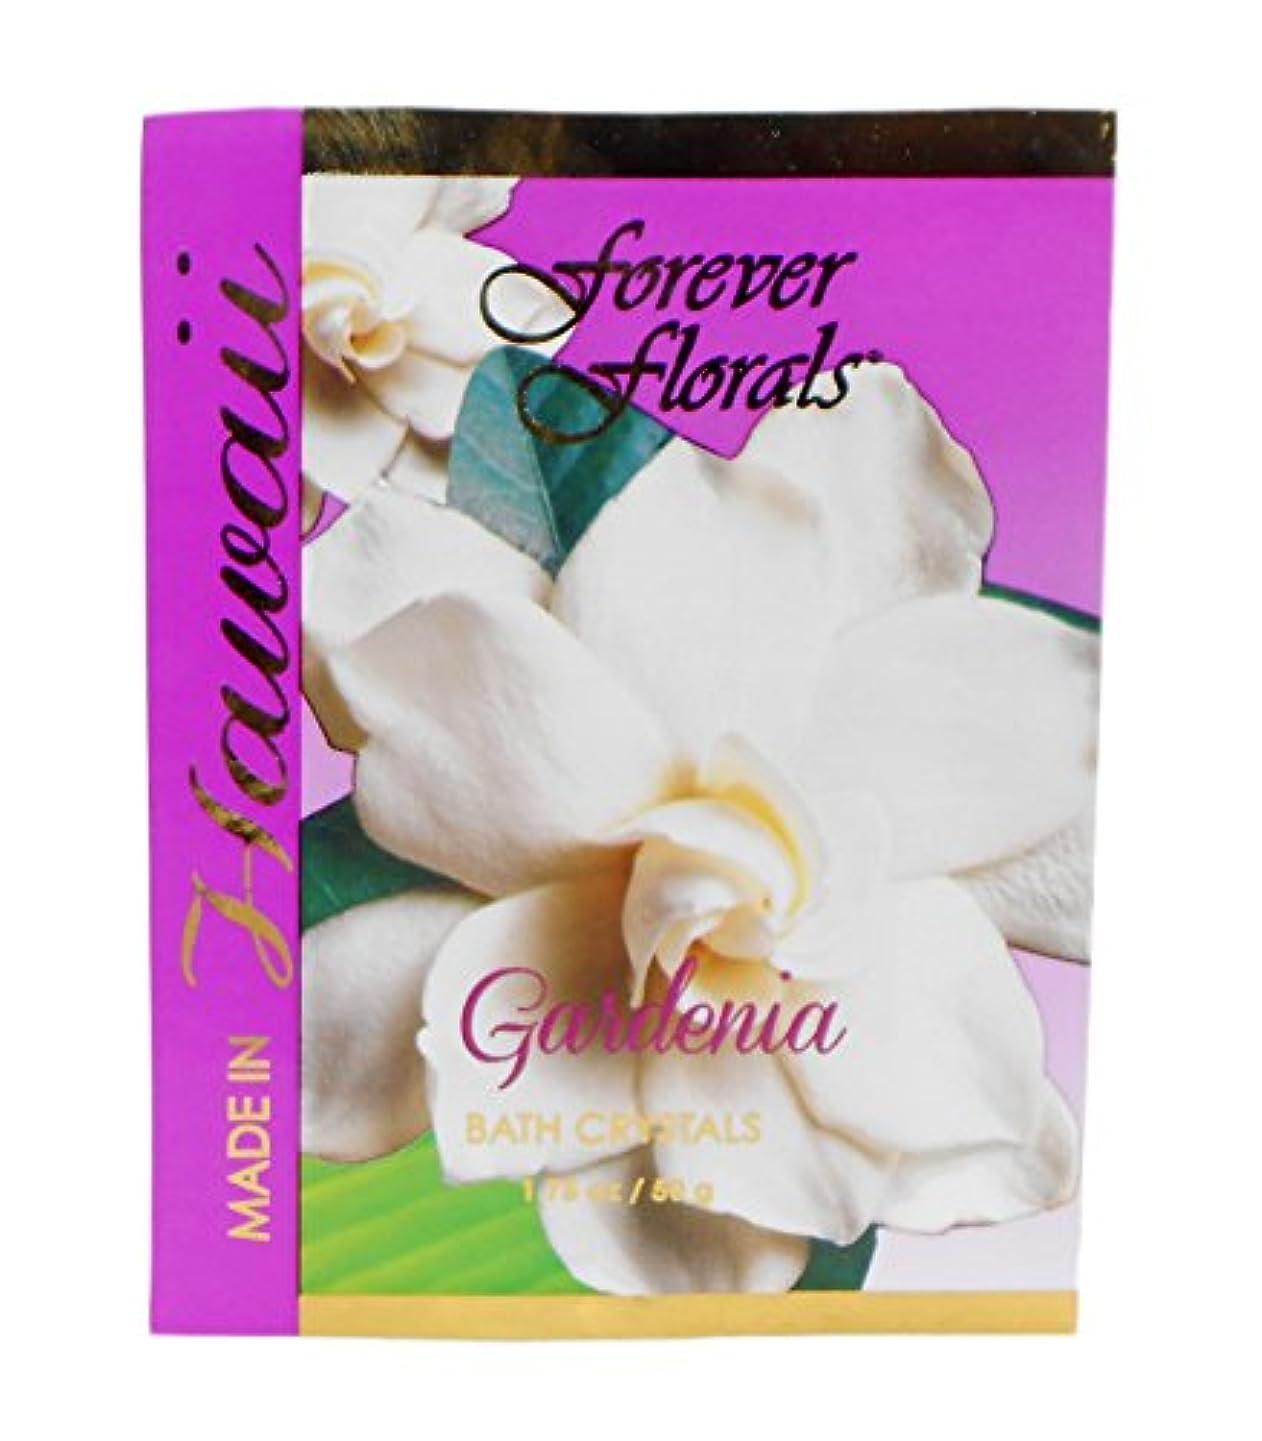 アーチトランク先入観ハワイ お土産 Forever Florals Hawaii Bath Crystals バスソルト 50g ハワイアン雑貨 ハワイ雑貨 (ガーデニア)